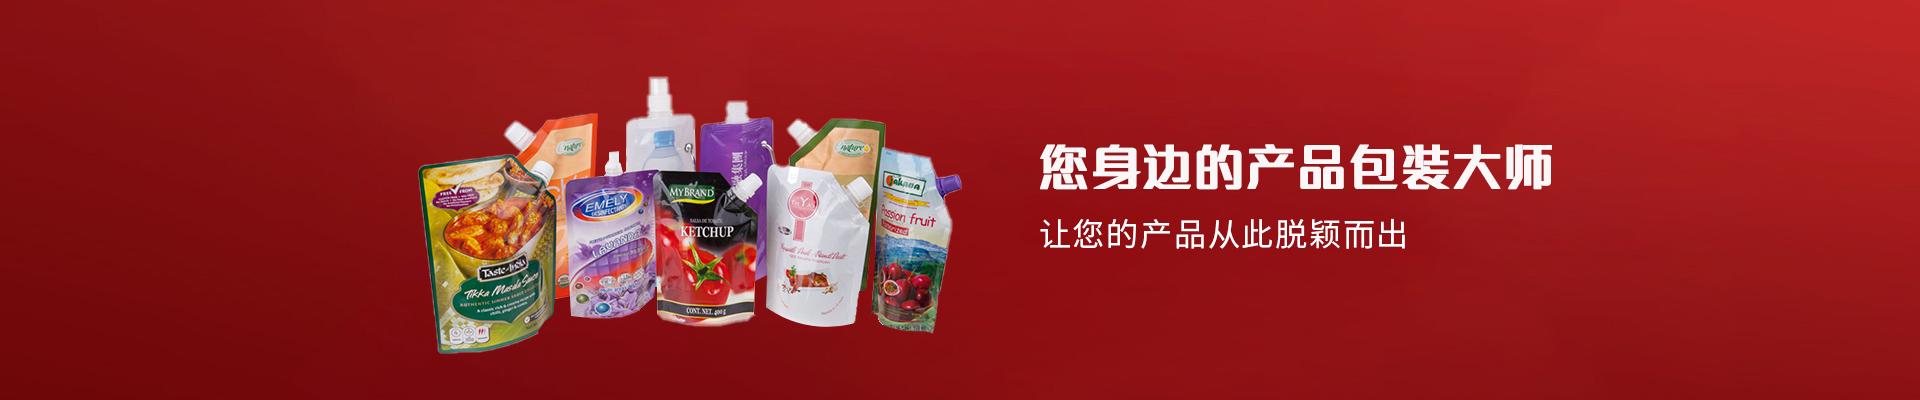 日山红--您身边的产品包装大师 让您的产品从此脱颖而出